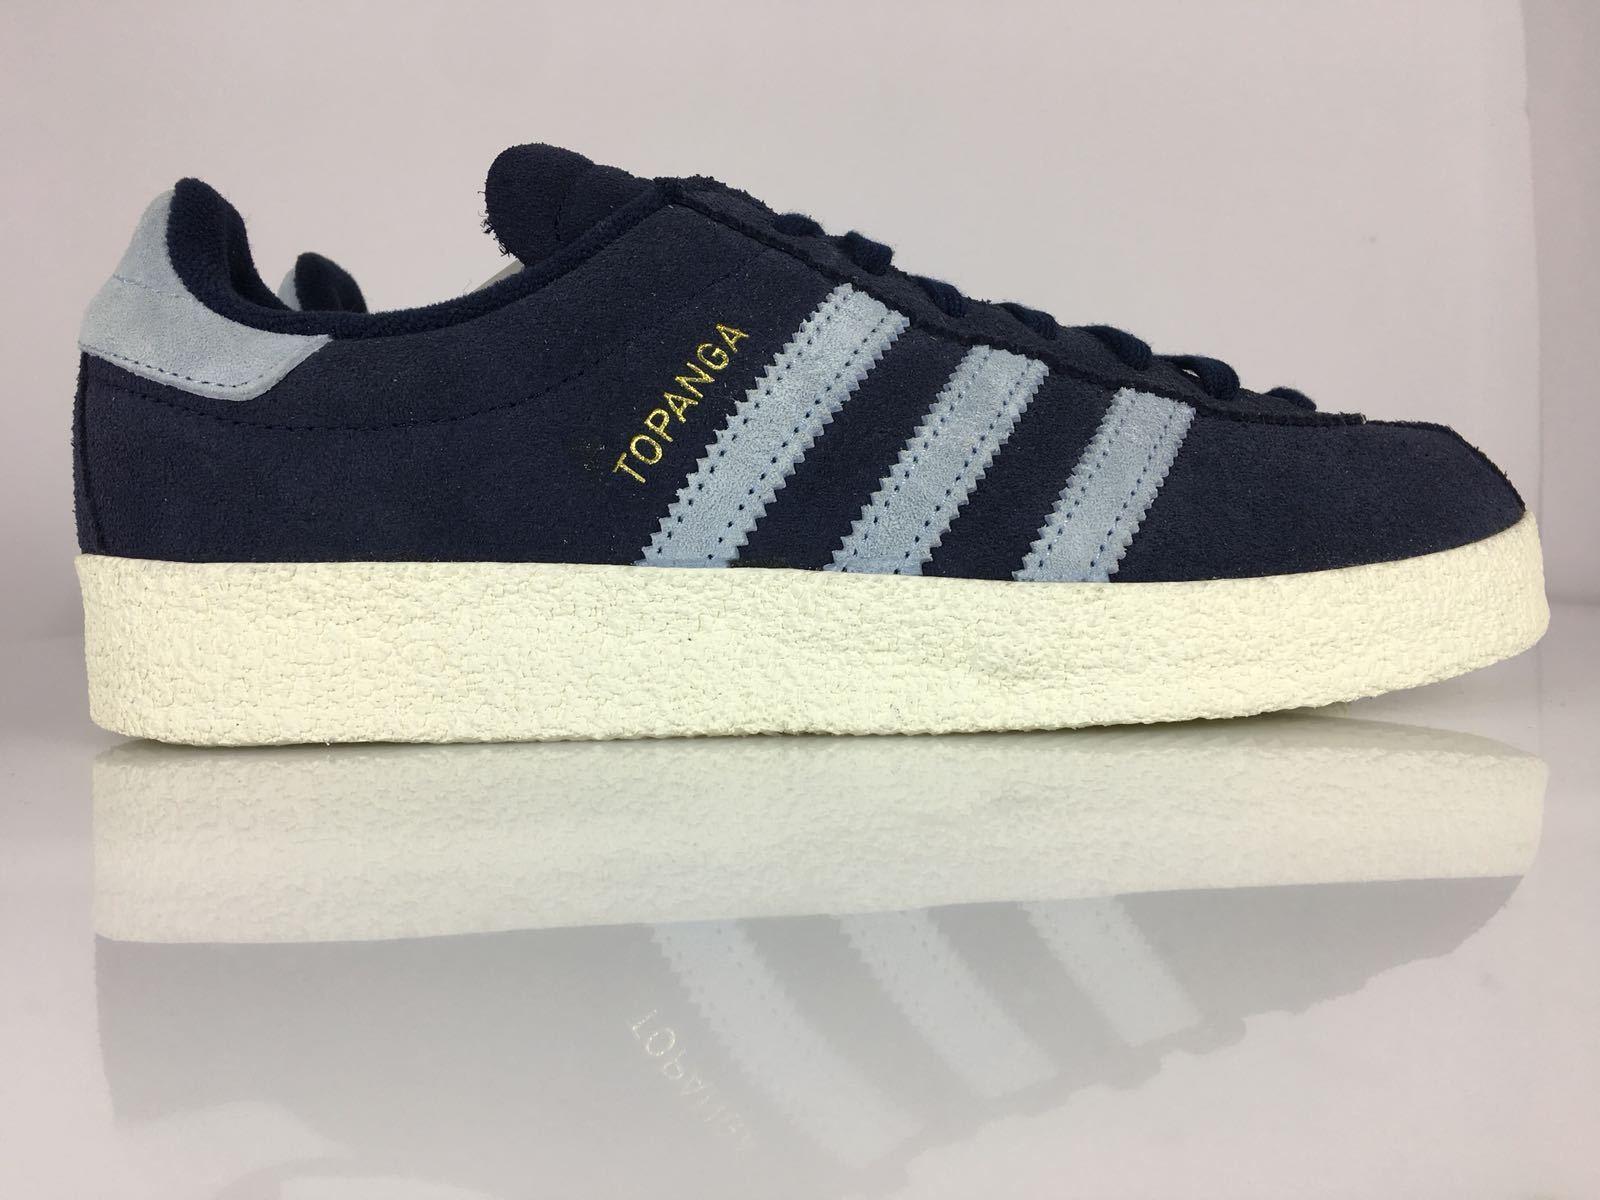 chaussures N. 36 2 3 UK 4 CM 22.5 ADIDAS TOPANGA ART. S75500